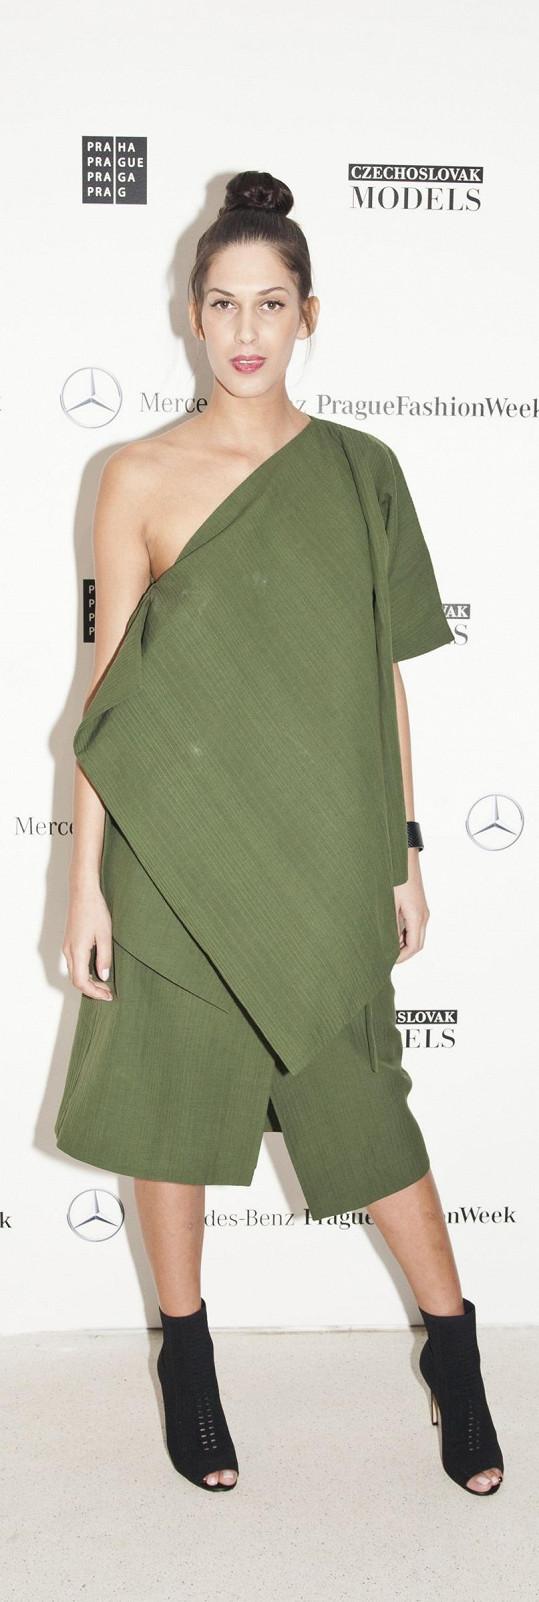 Vignerová o sobě dobře ví, že je výrazný typ, proto se nejlépe cítí v minimalismu, jakým jsou právě tyto lahvově zelené šaty COS. Možná, že i na nejkrásnější Češku roku 2009 působily šaty, jako by byly spíchnuté z banánového listu, a tak si nechala vytvořit i vlasový styling a líčení á la Asie.